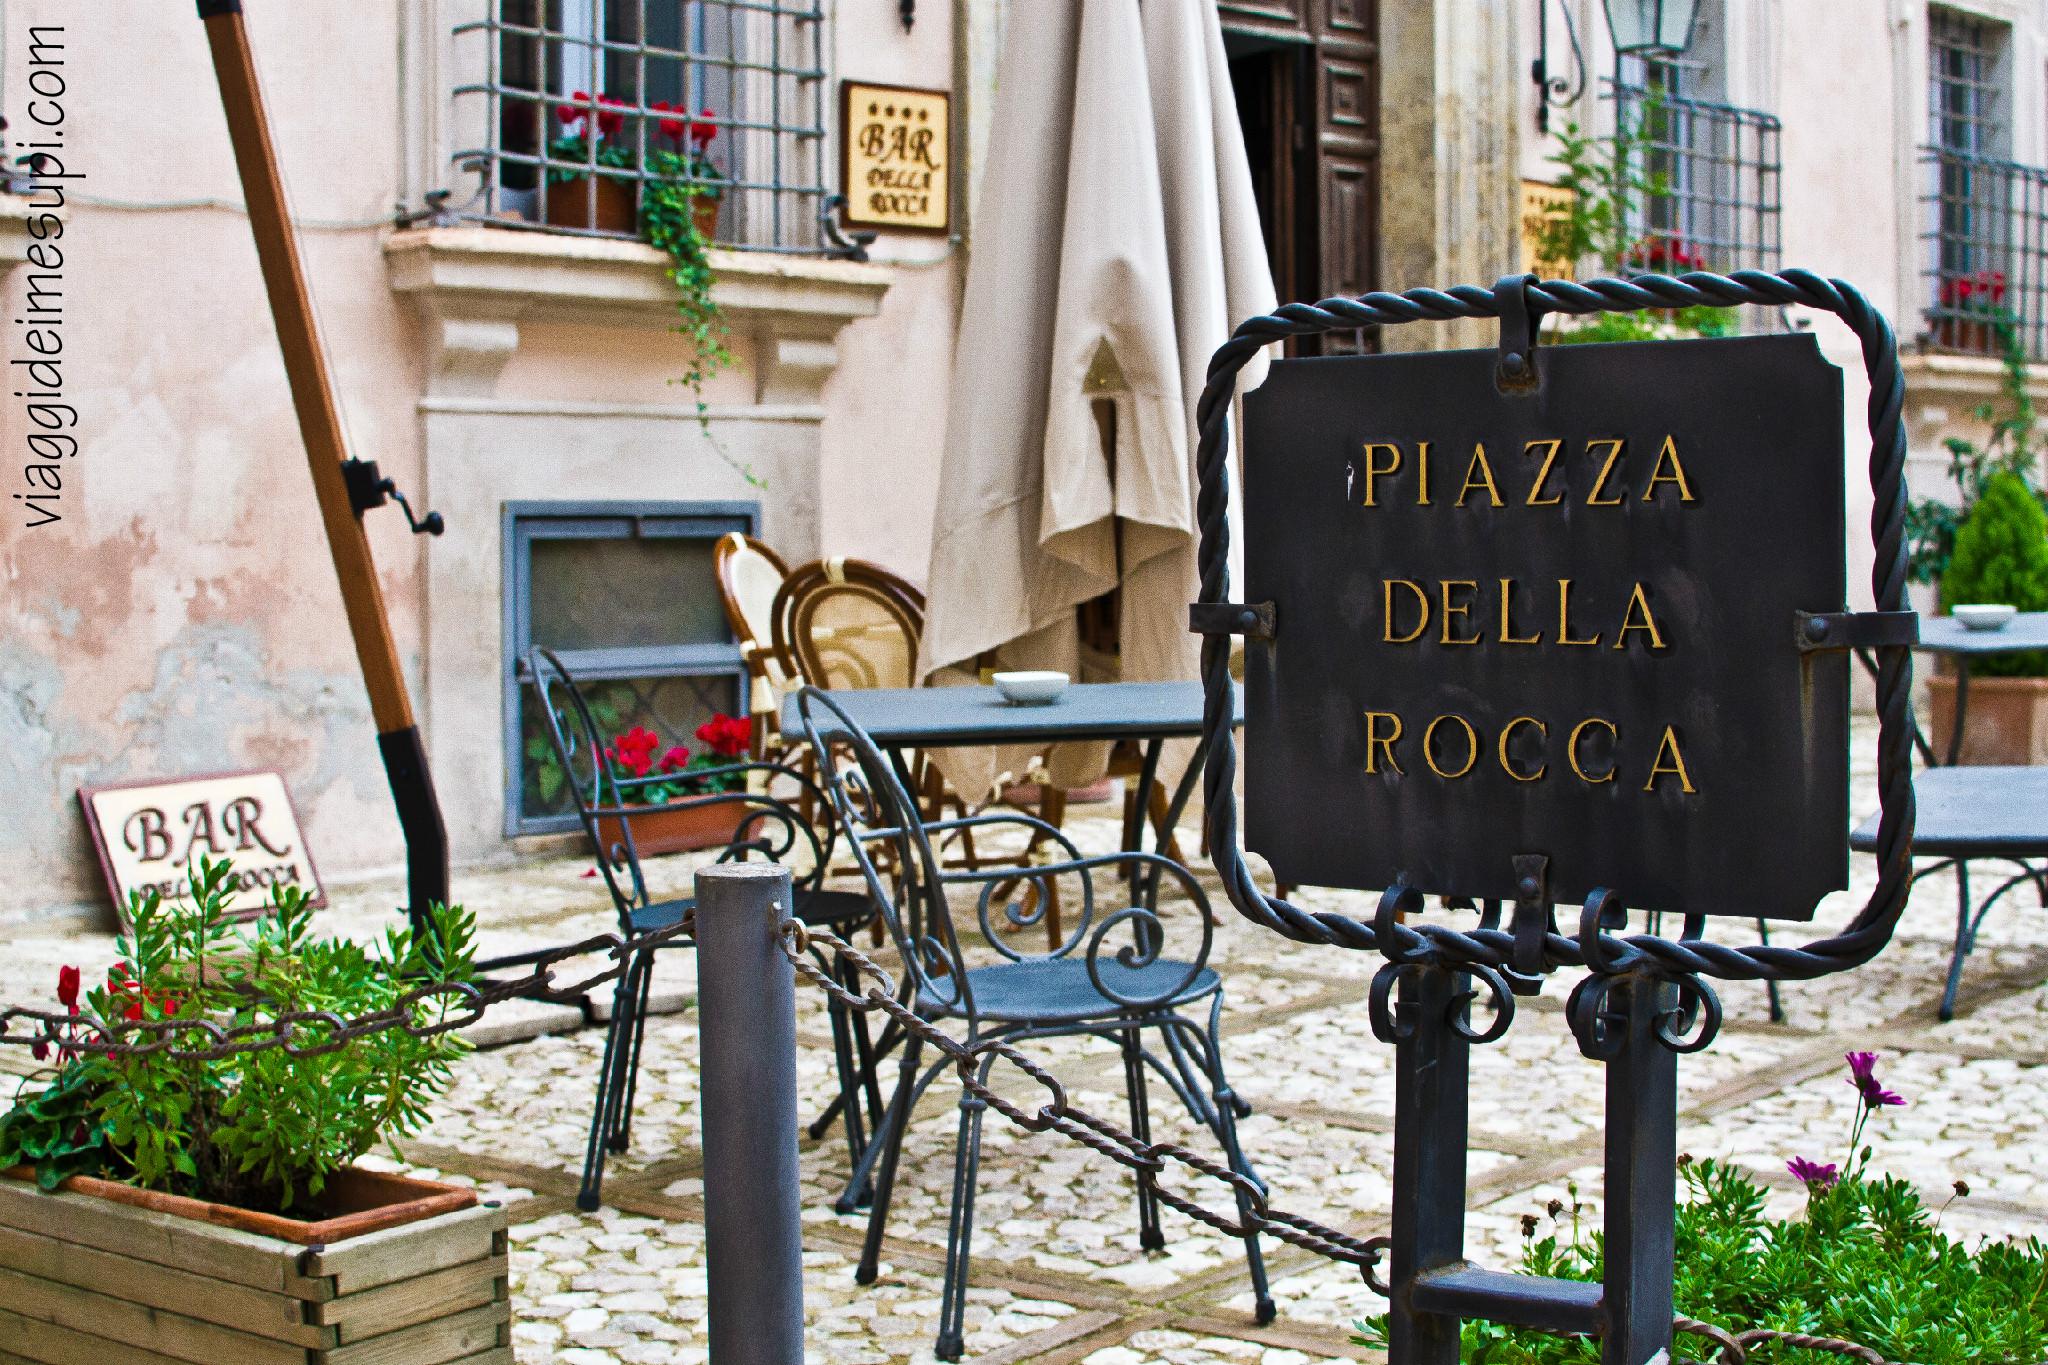 Piazza della Rocca, Trevi